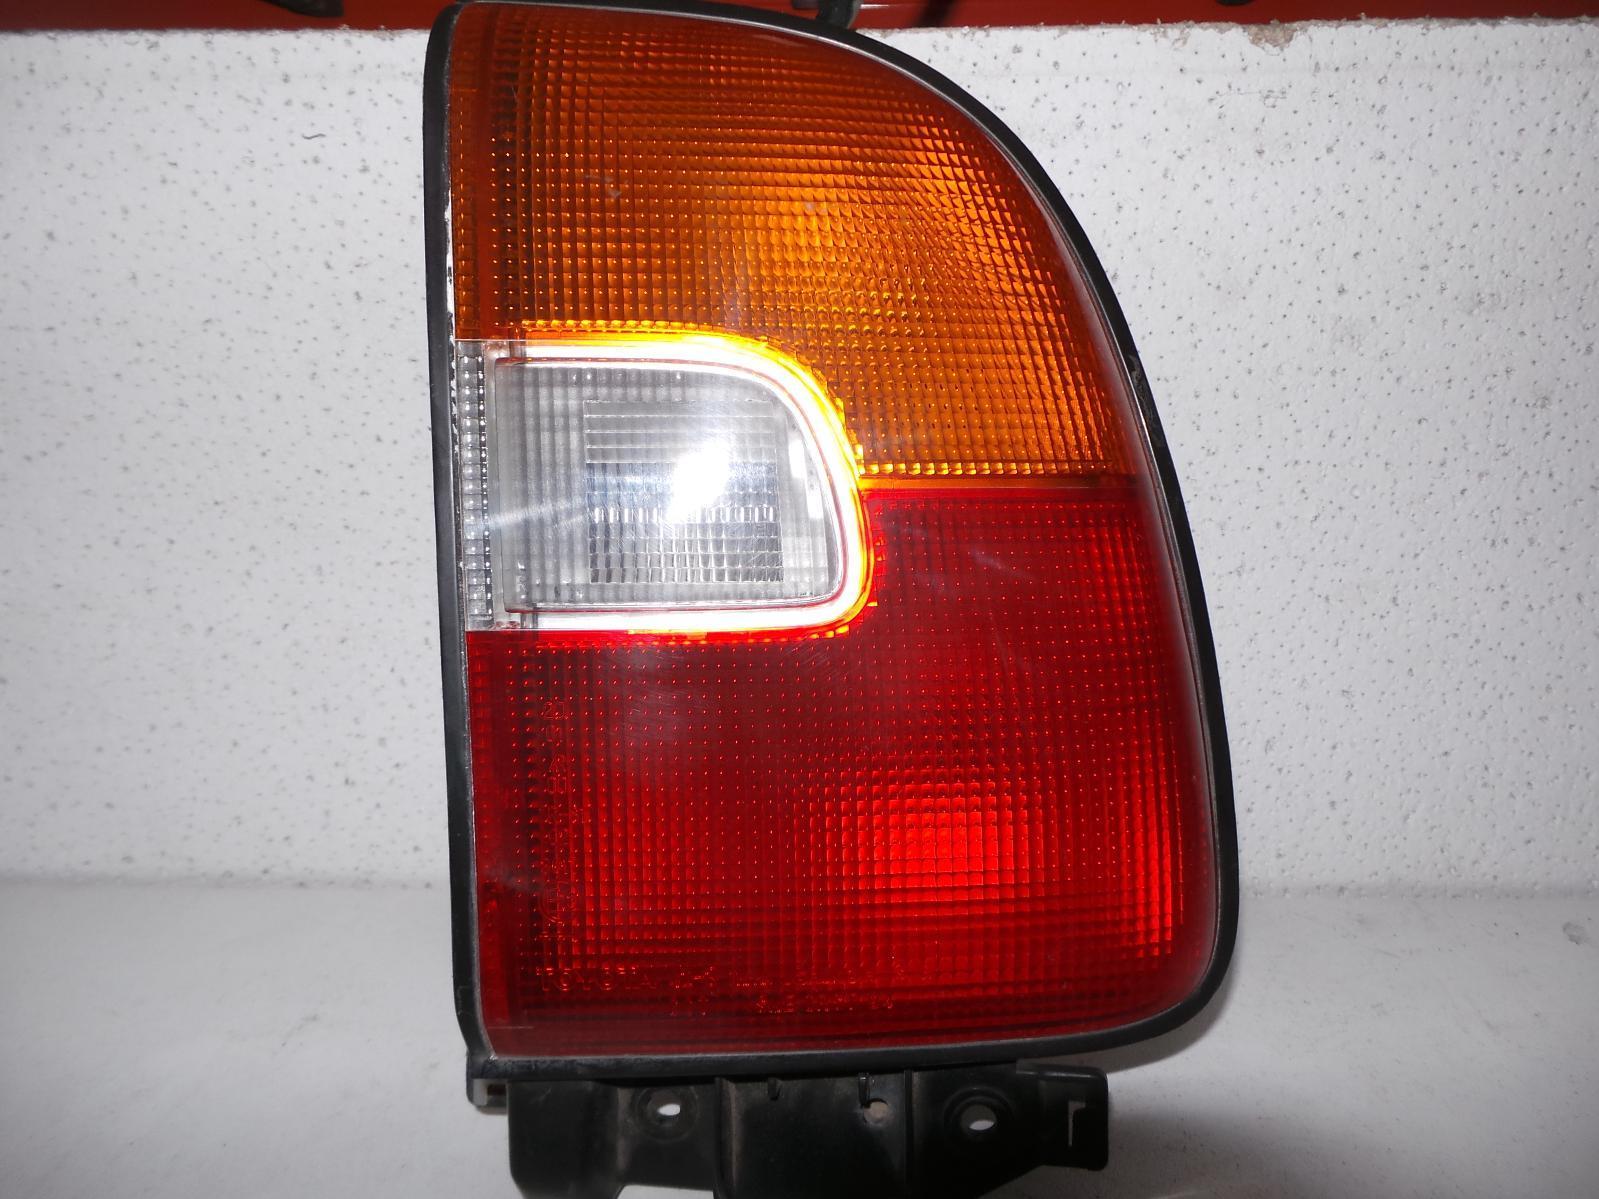 TOYOTA RAV4, Right Taillight, SXA1#R, LENS# 42-3, 07/94-10/97